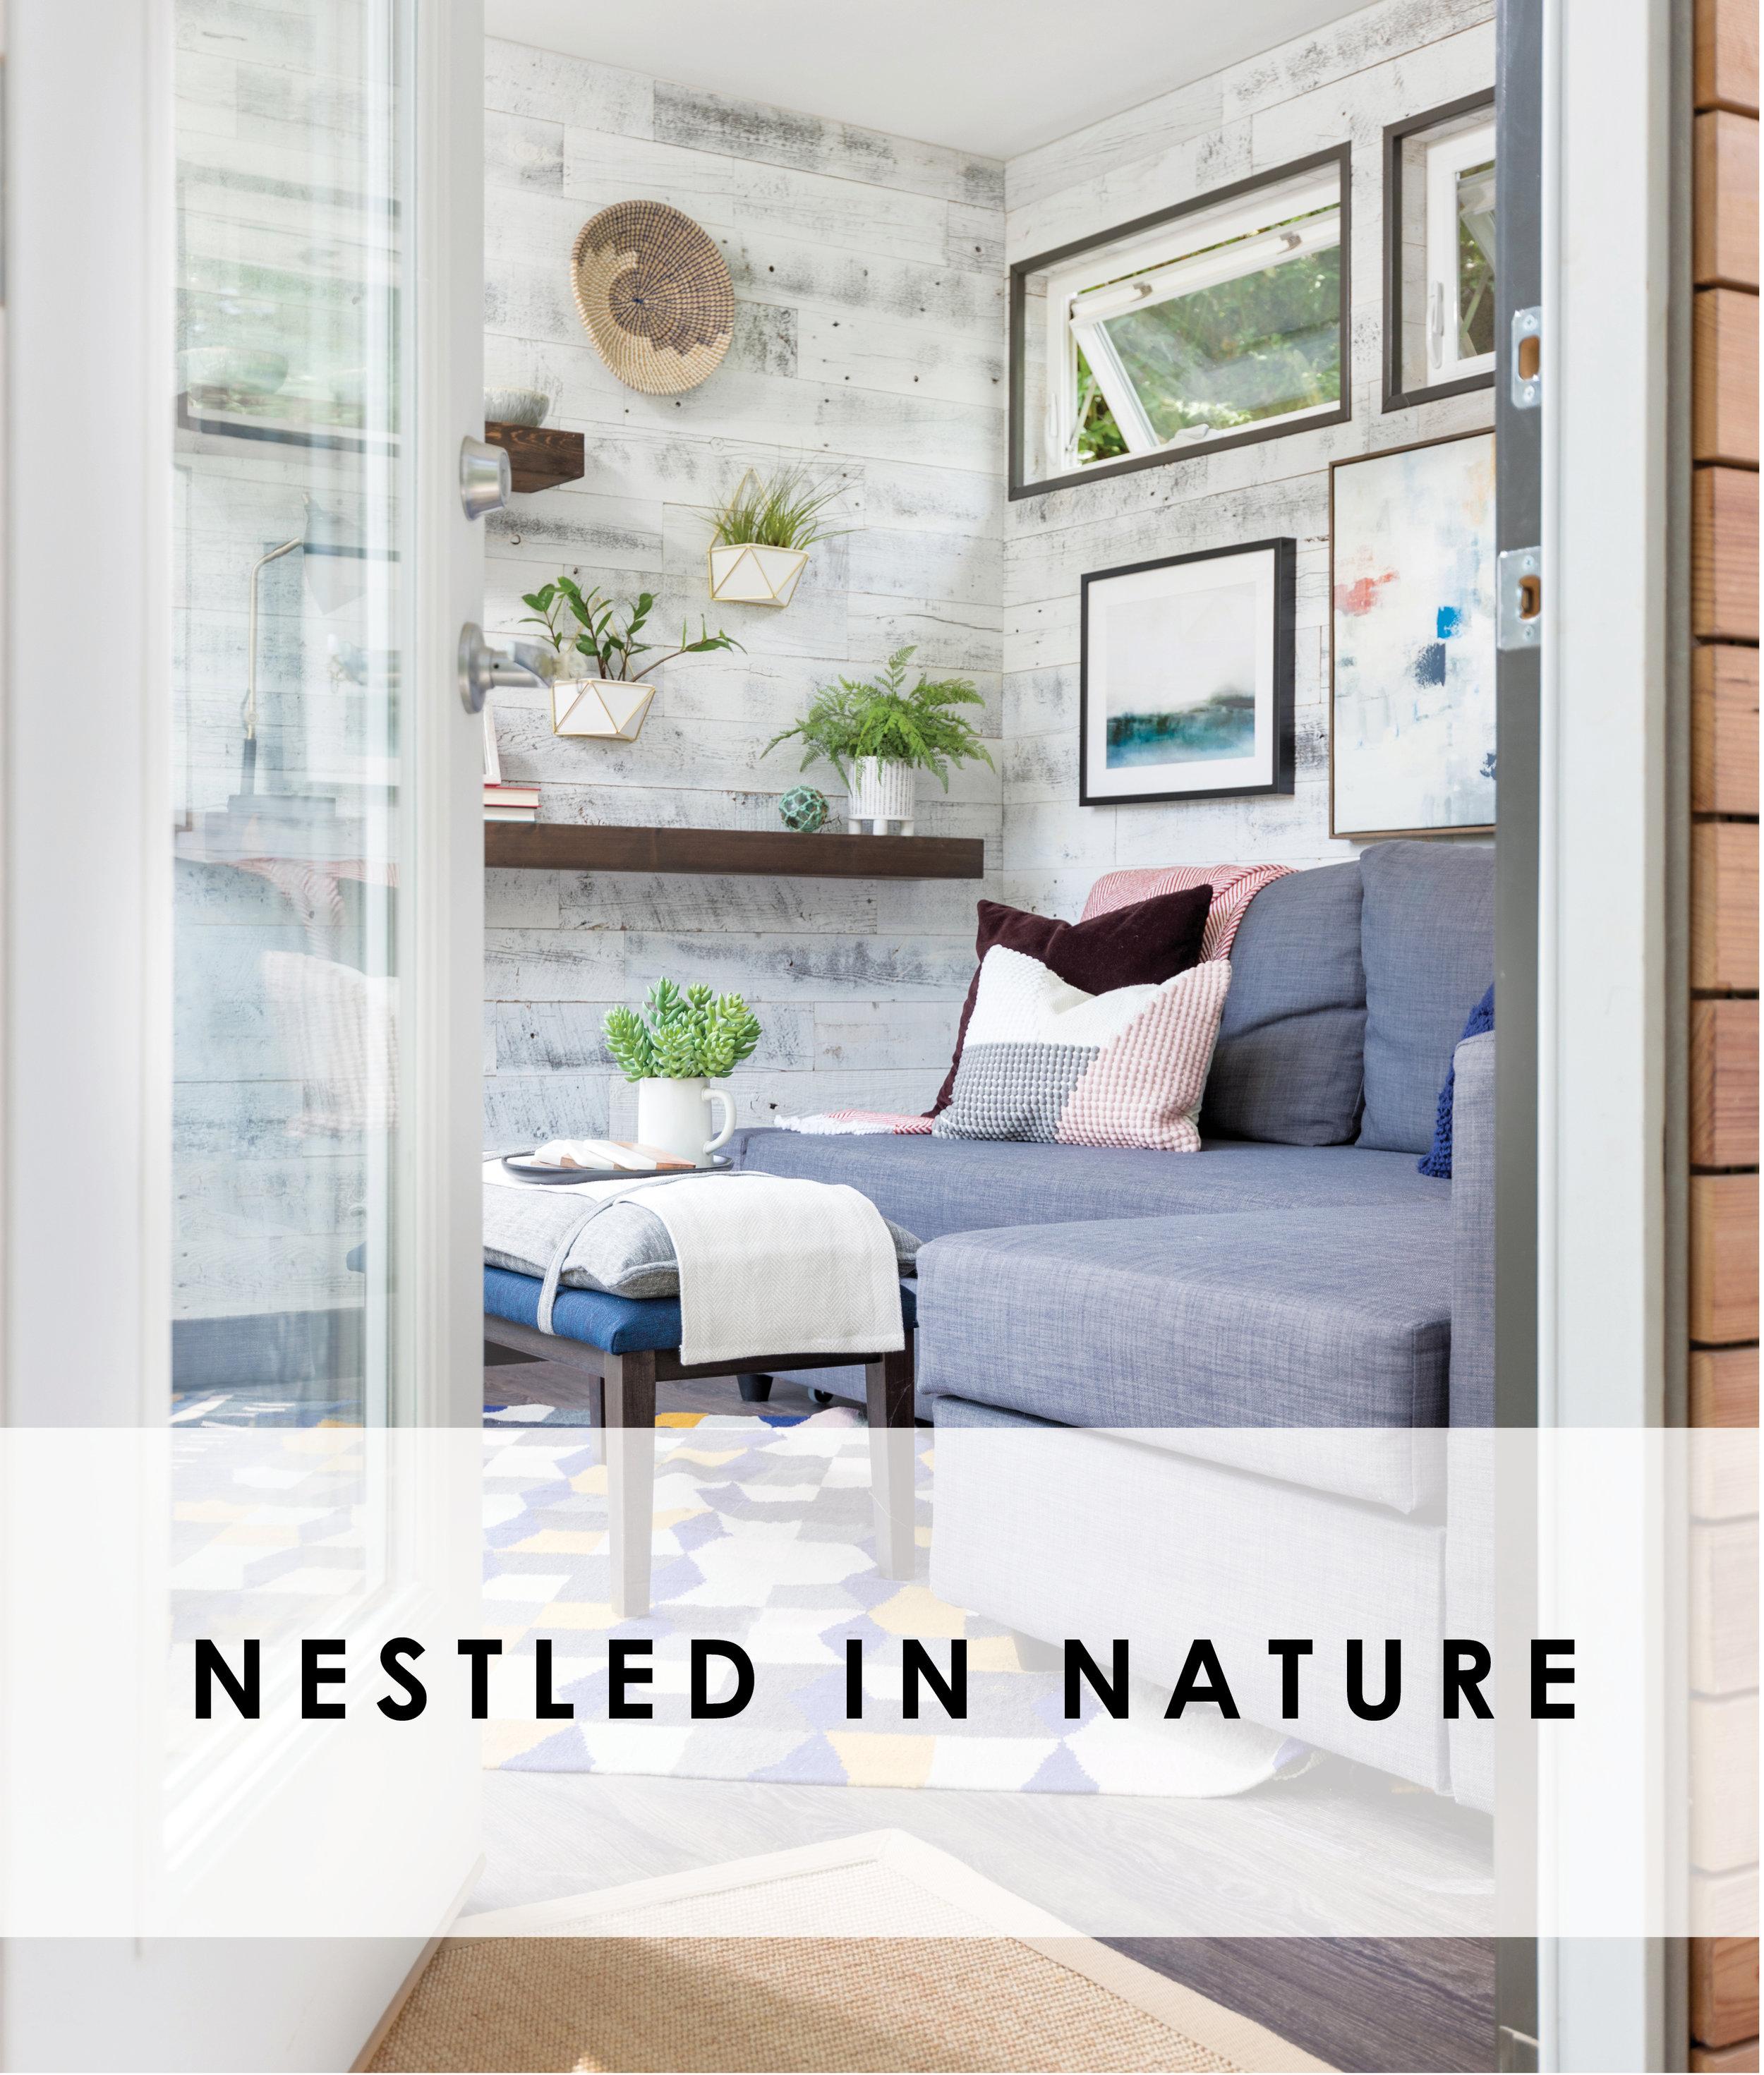 Nestled in Nature.jpg